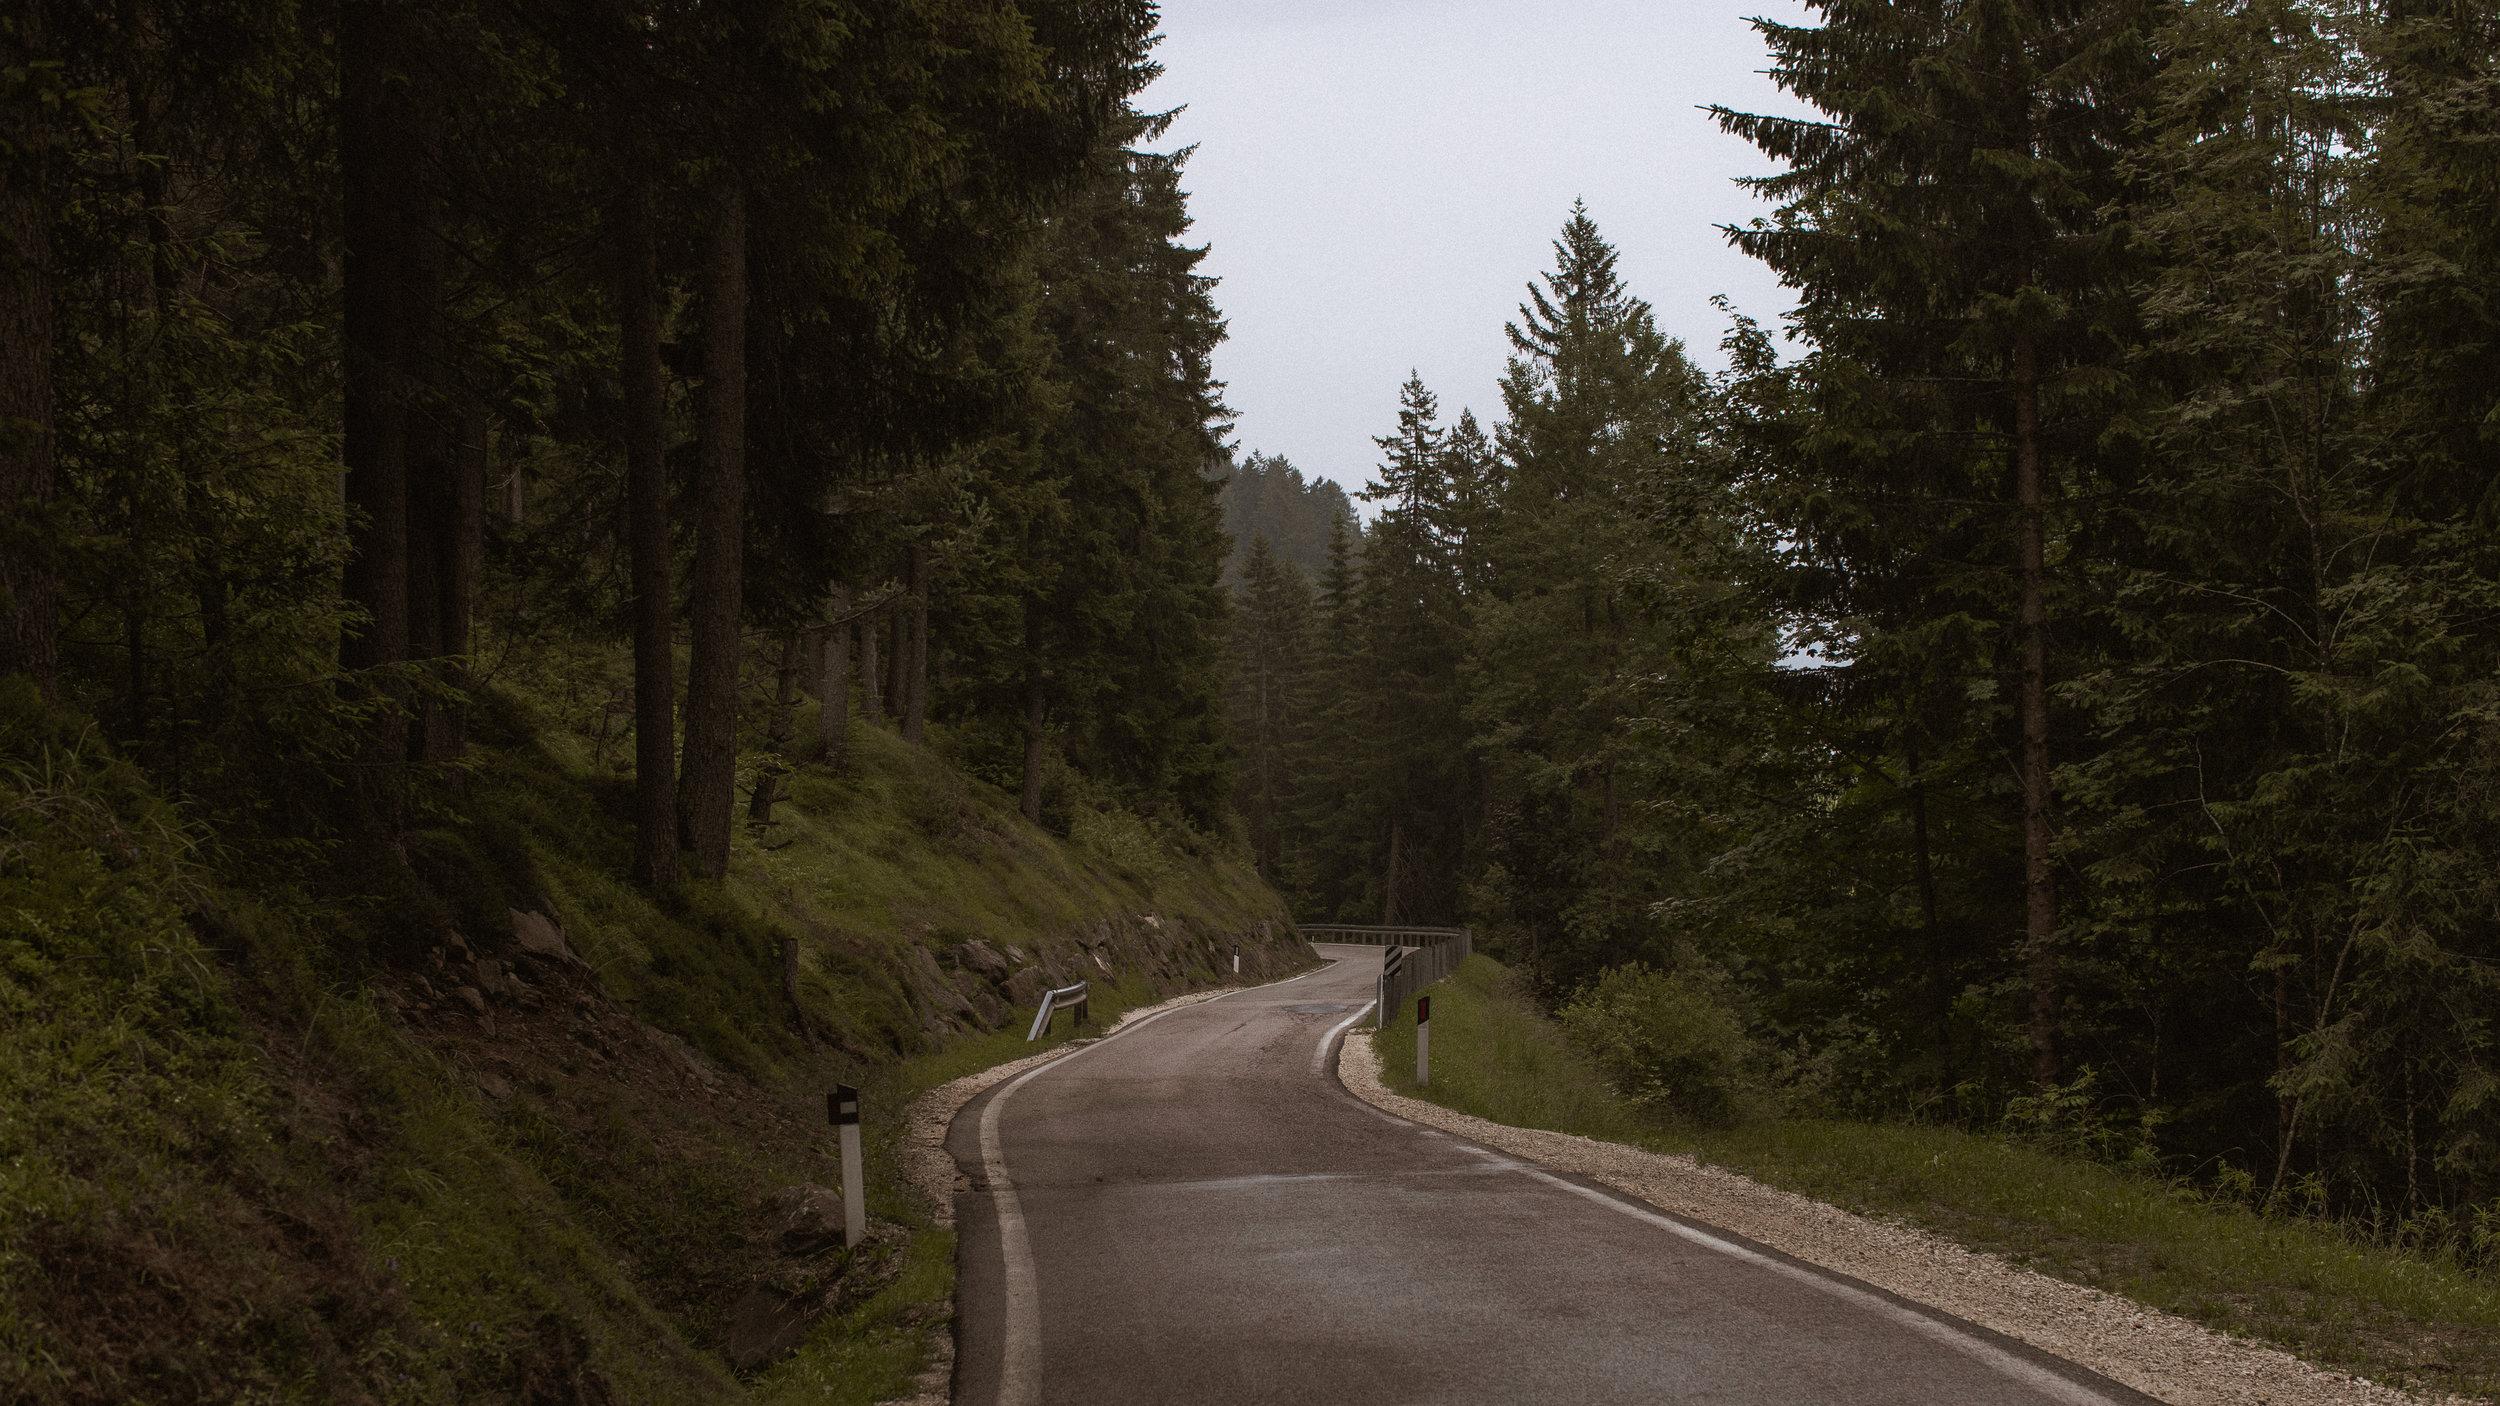 Grödner joch / Passo Gardena, Südtirol. Photo: AngusSung©